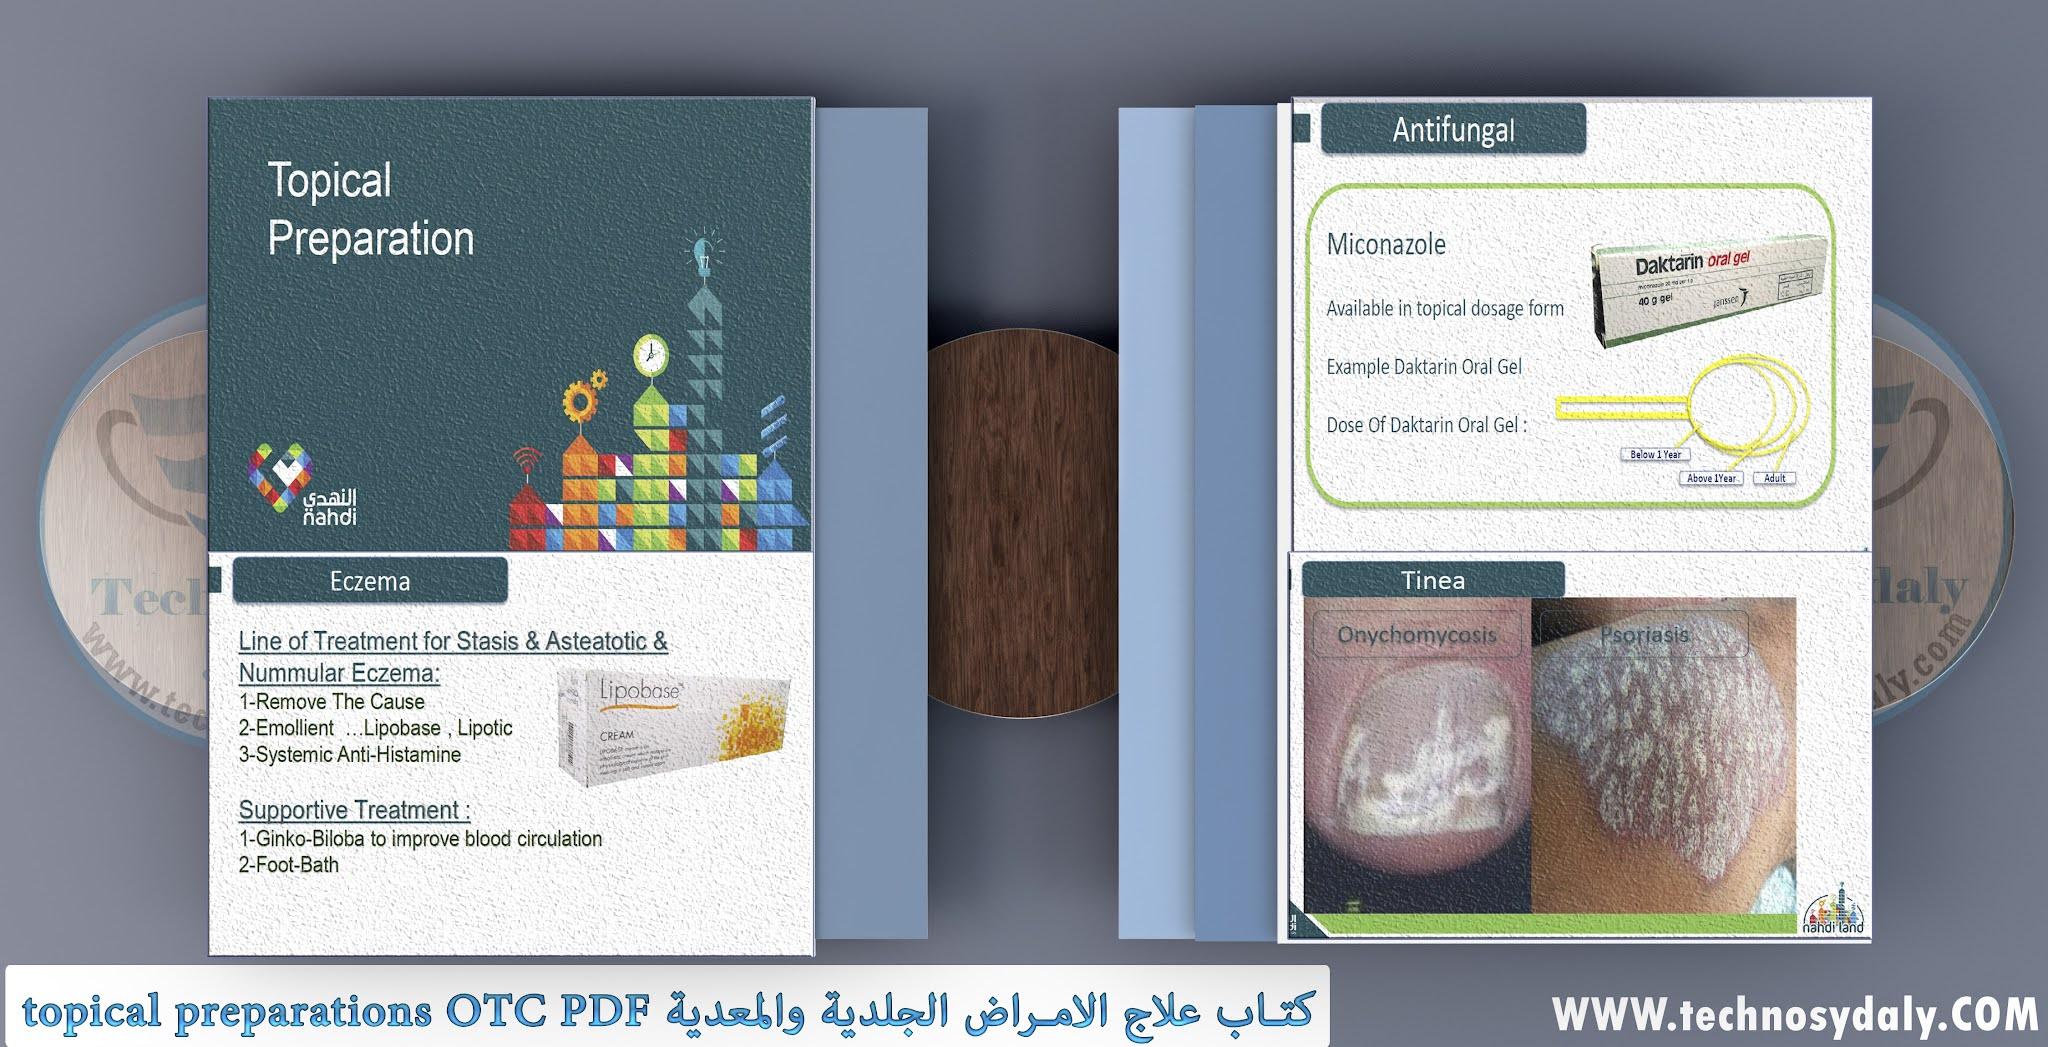 كتاب علاج الأمراض الجلدية بدون وصفة طبية topical preparations OTC PDF